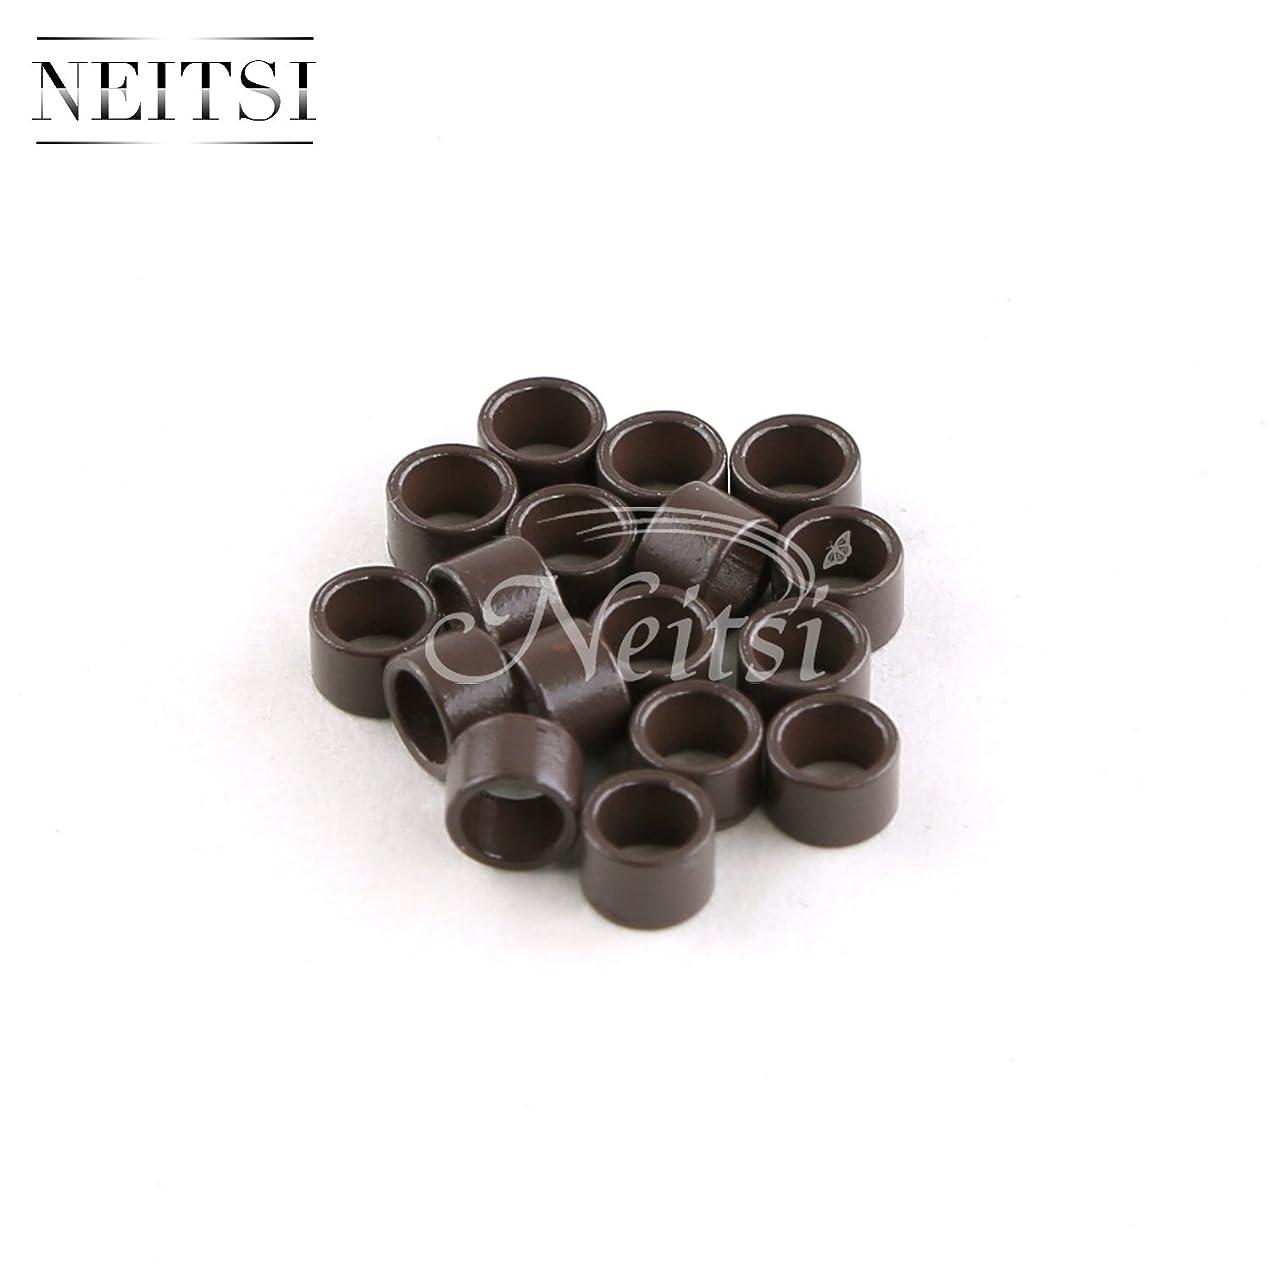 ソビエト好色な生産性Neitsi(ネイティス) エクステ用ビーズ スクリューチップ エクステ用チップ 直径約2.7mmx4mm ウィッグ用マイクロリング 輪 エクステツール リング 1000粒5色選択 (brown)